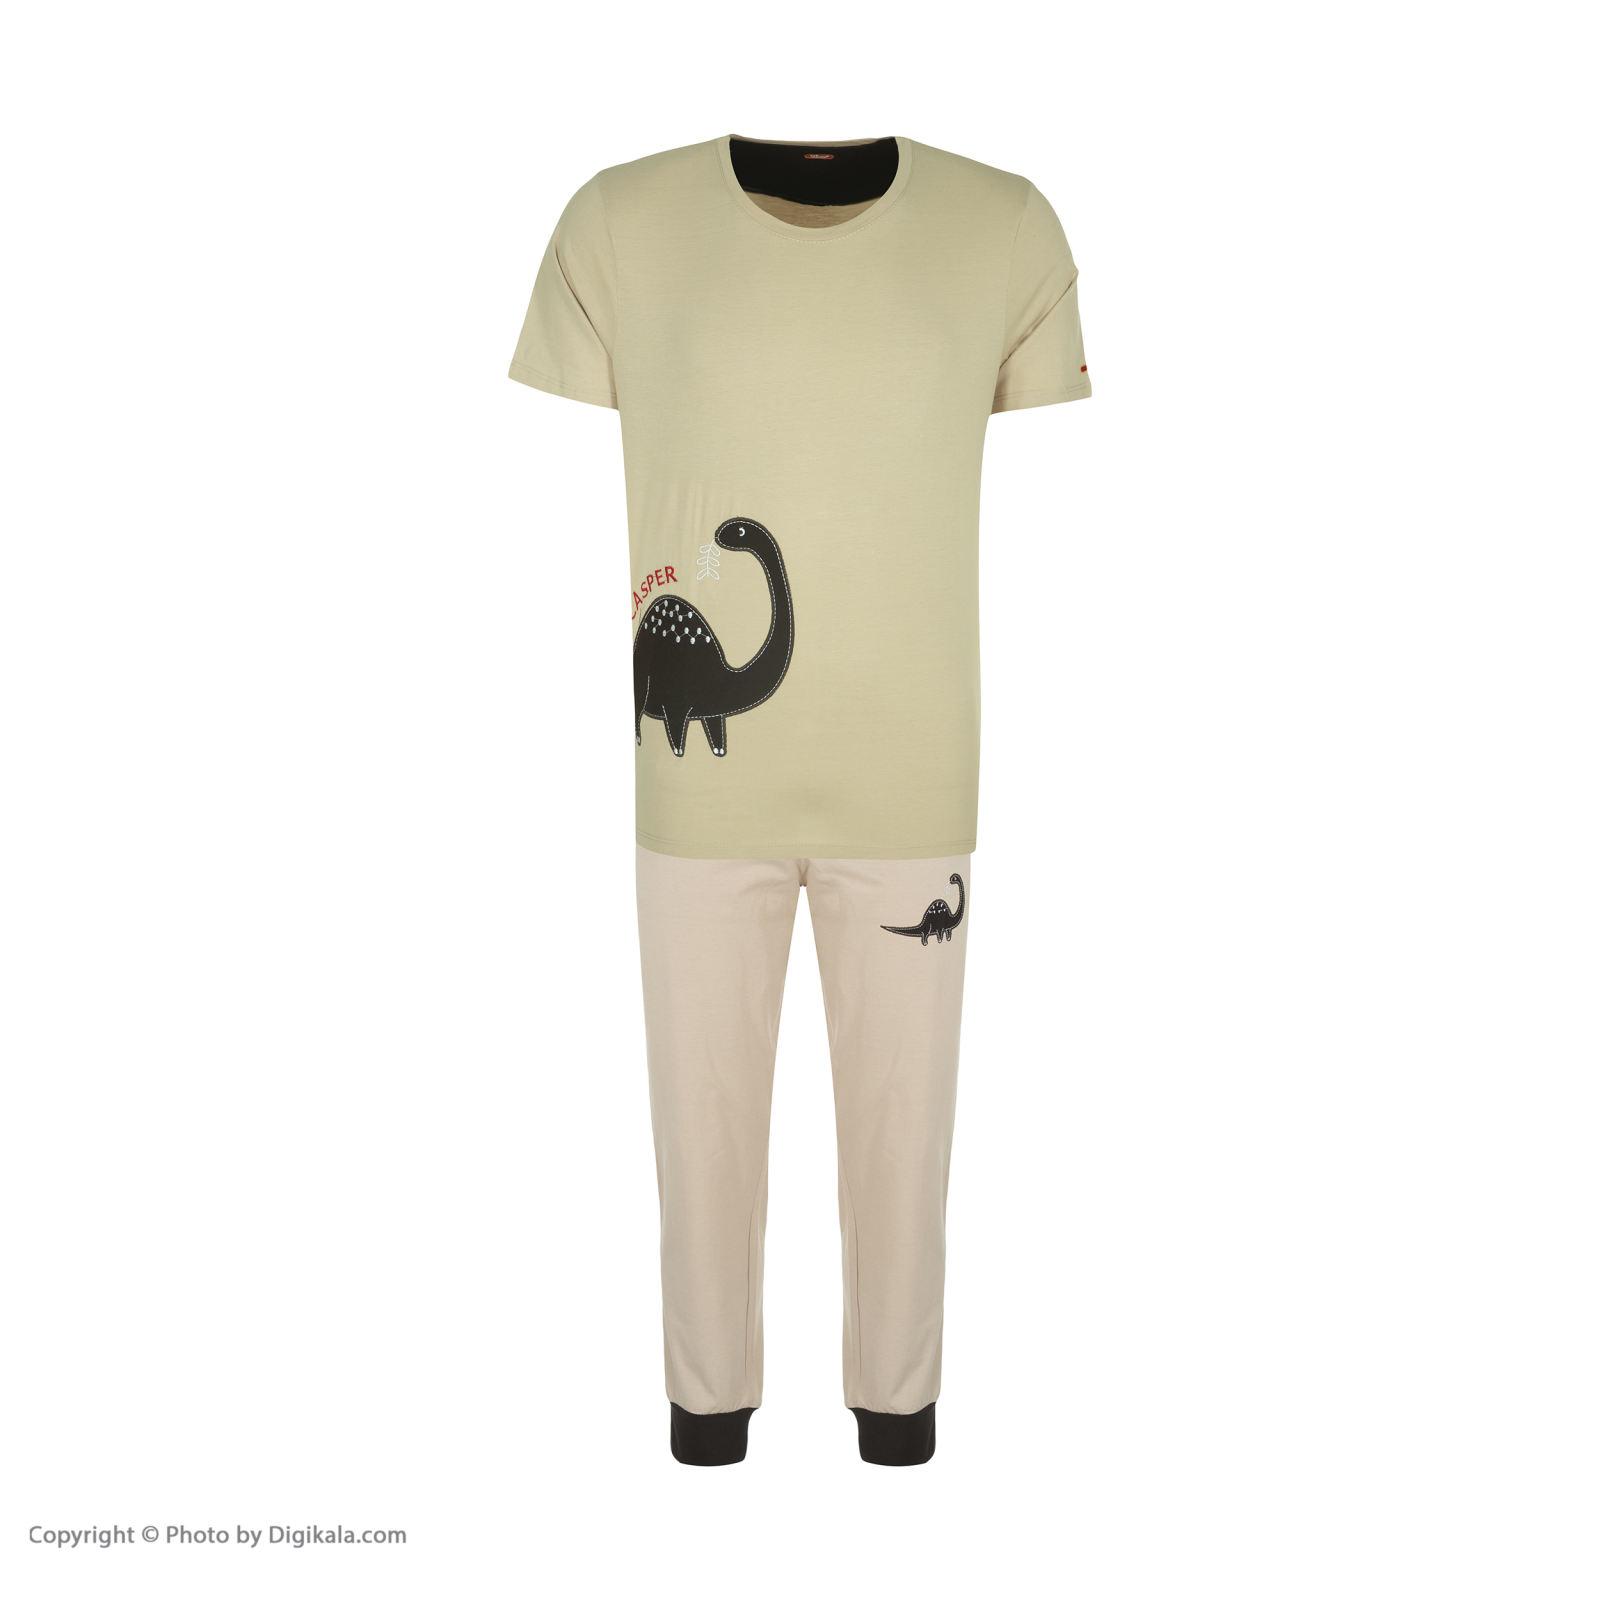 ست تی شرت و شلوارک راحتی مردانه مادر مدل 2041106-07 -  - 3